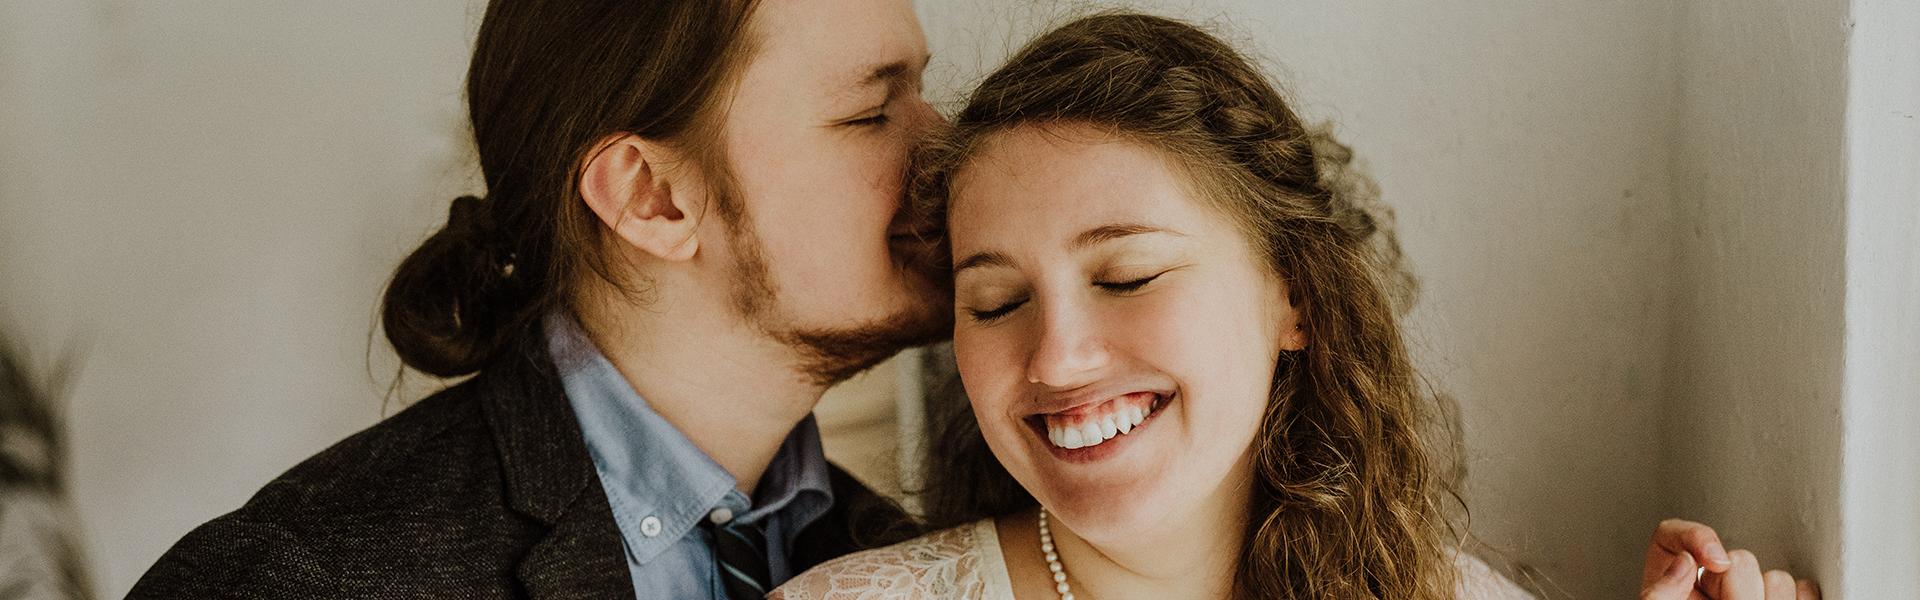 Hochzeitsfoto farbig Brautpaar Essen